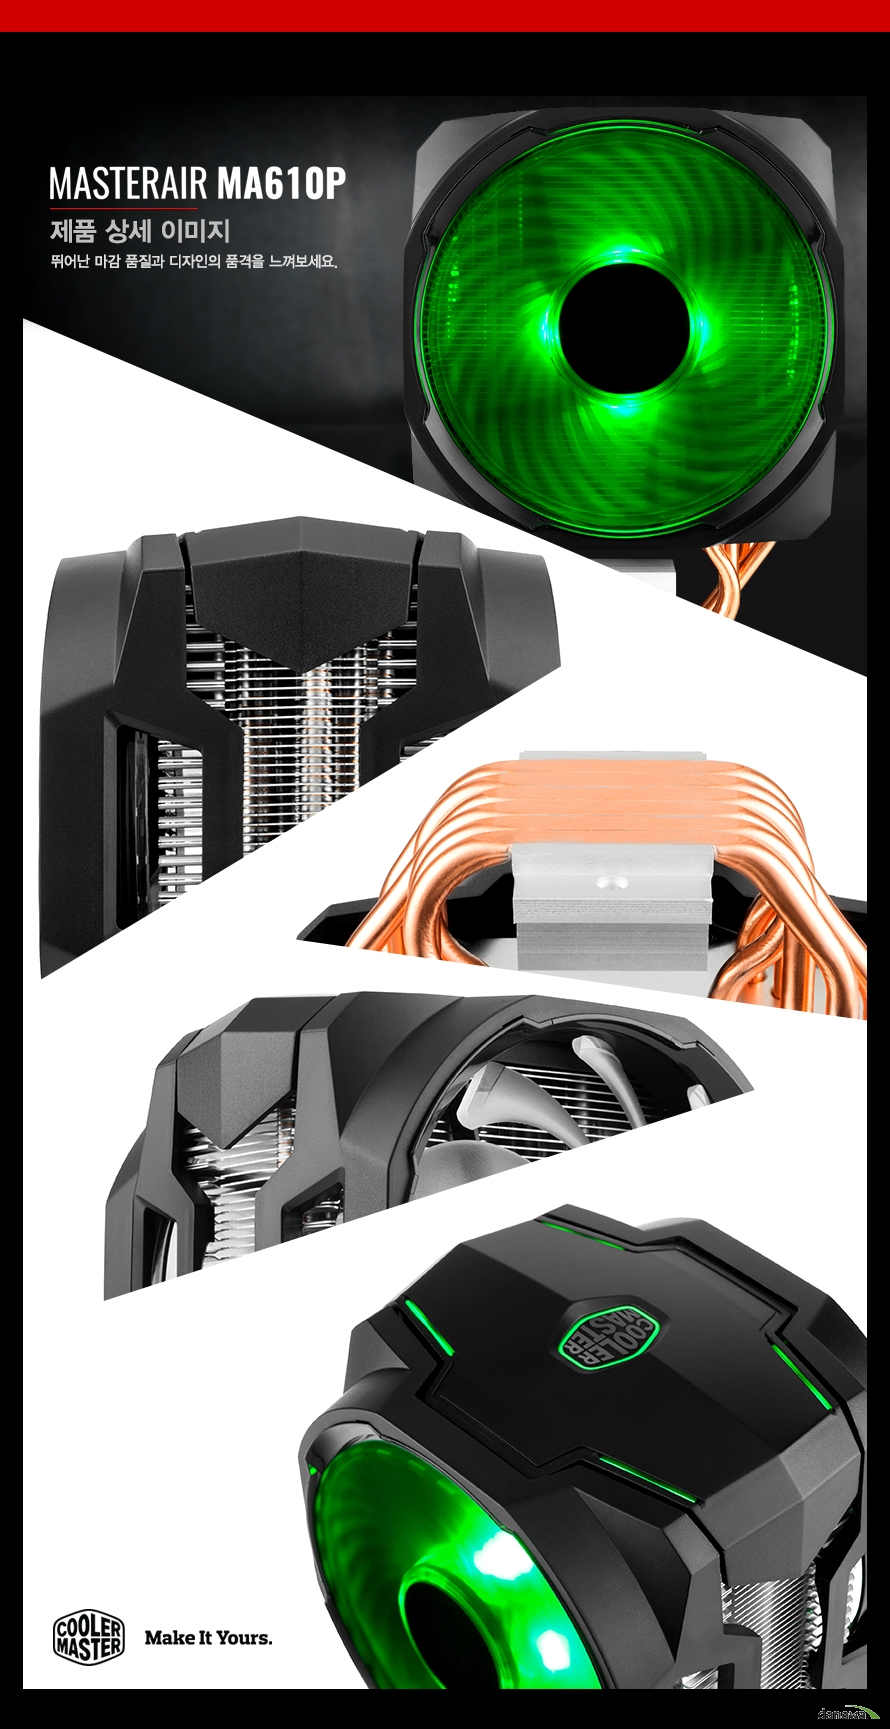 마스터에어 MA410P     뛰어난 마감 품질과 디자인의 품격을 느껴보세요